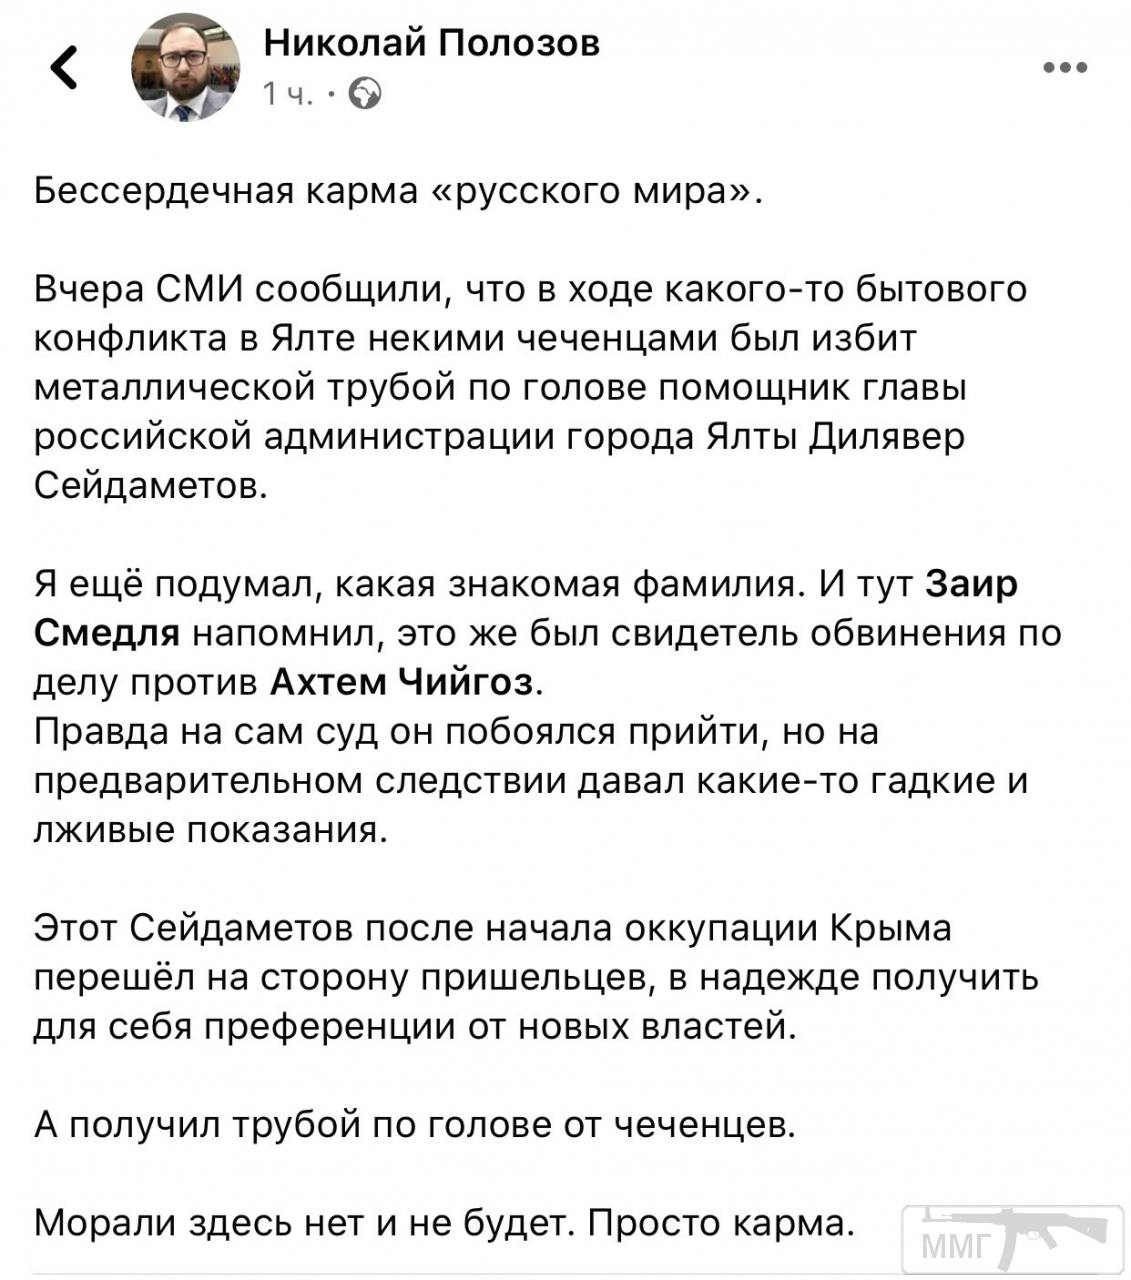 105127 - Пра Крым ))))